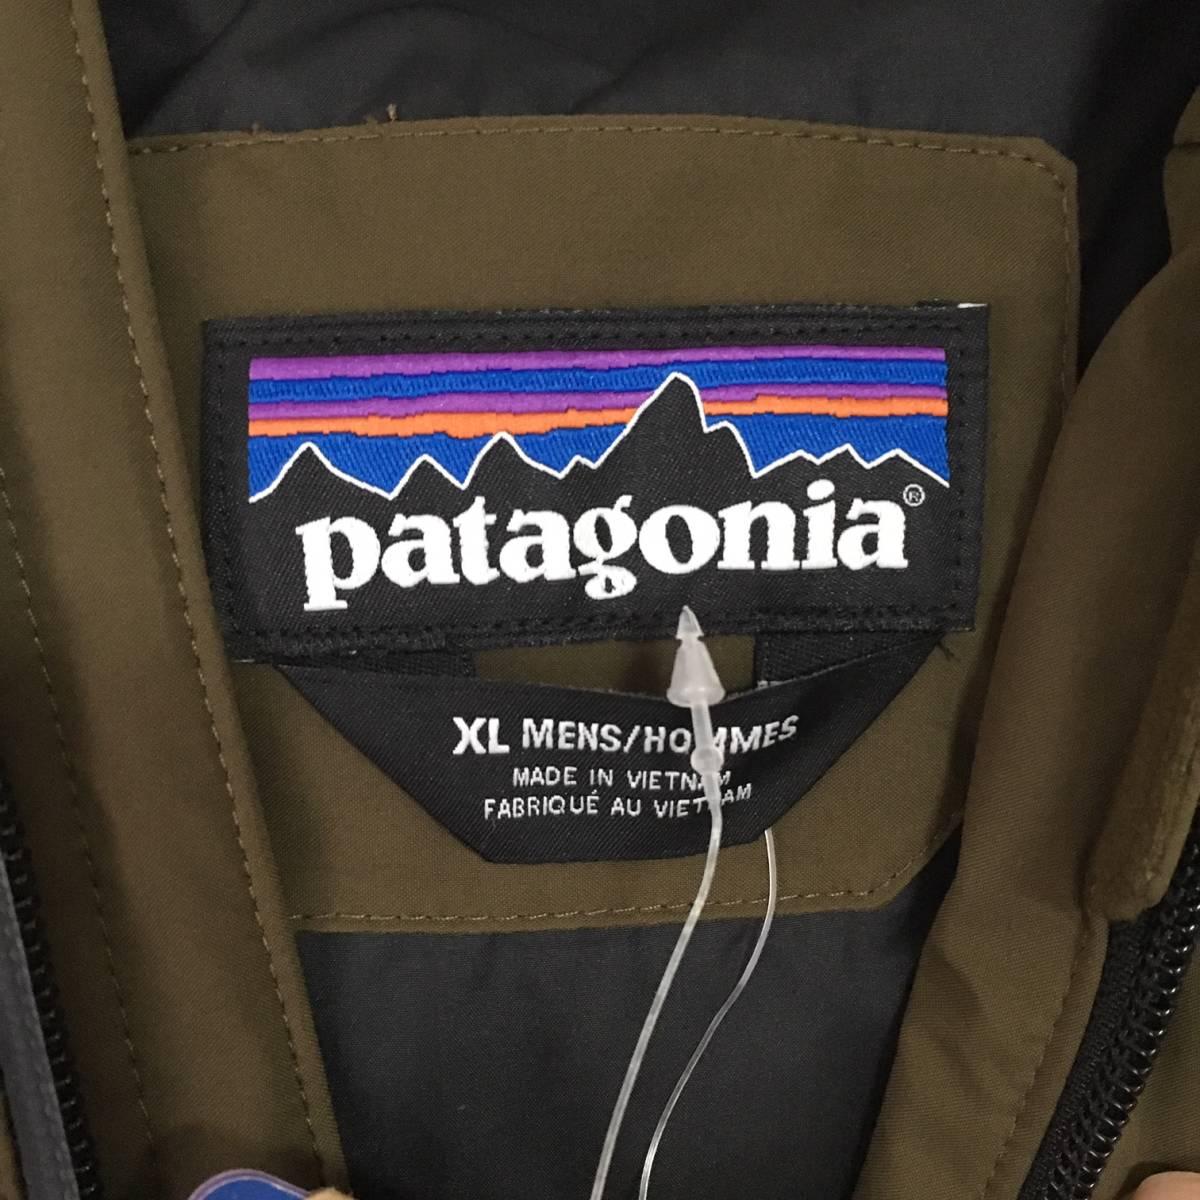 最高級 Patagonia Men's Jackson Glacier Jacket パタゴニア メンズ ジャクソン グレイシャー ジャケット 2018FA XL (USサイズ) SEMT_画像5